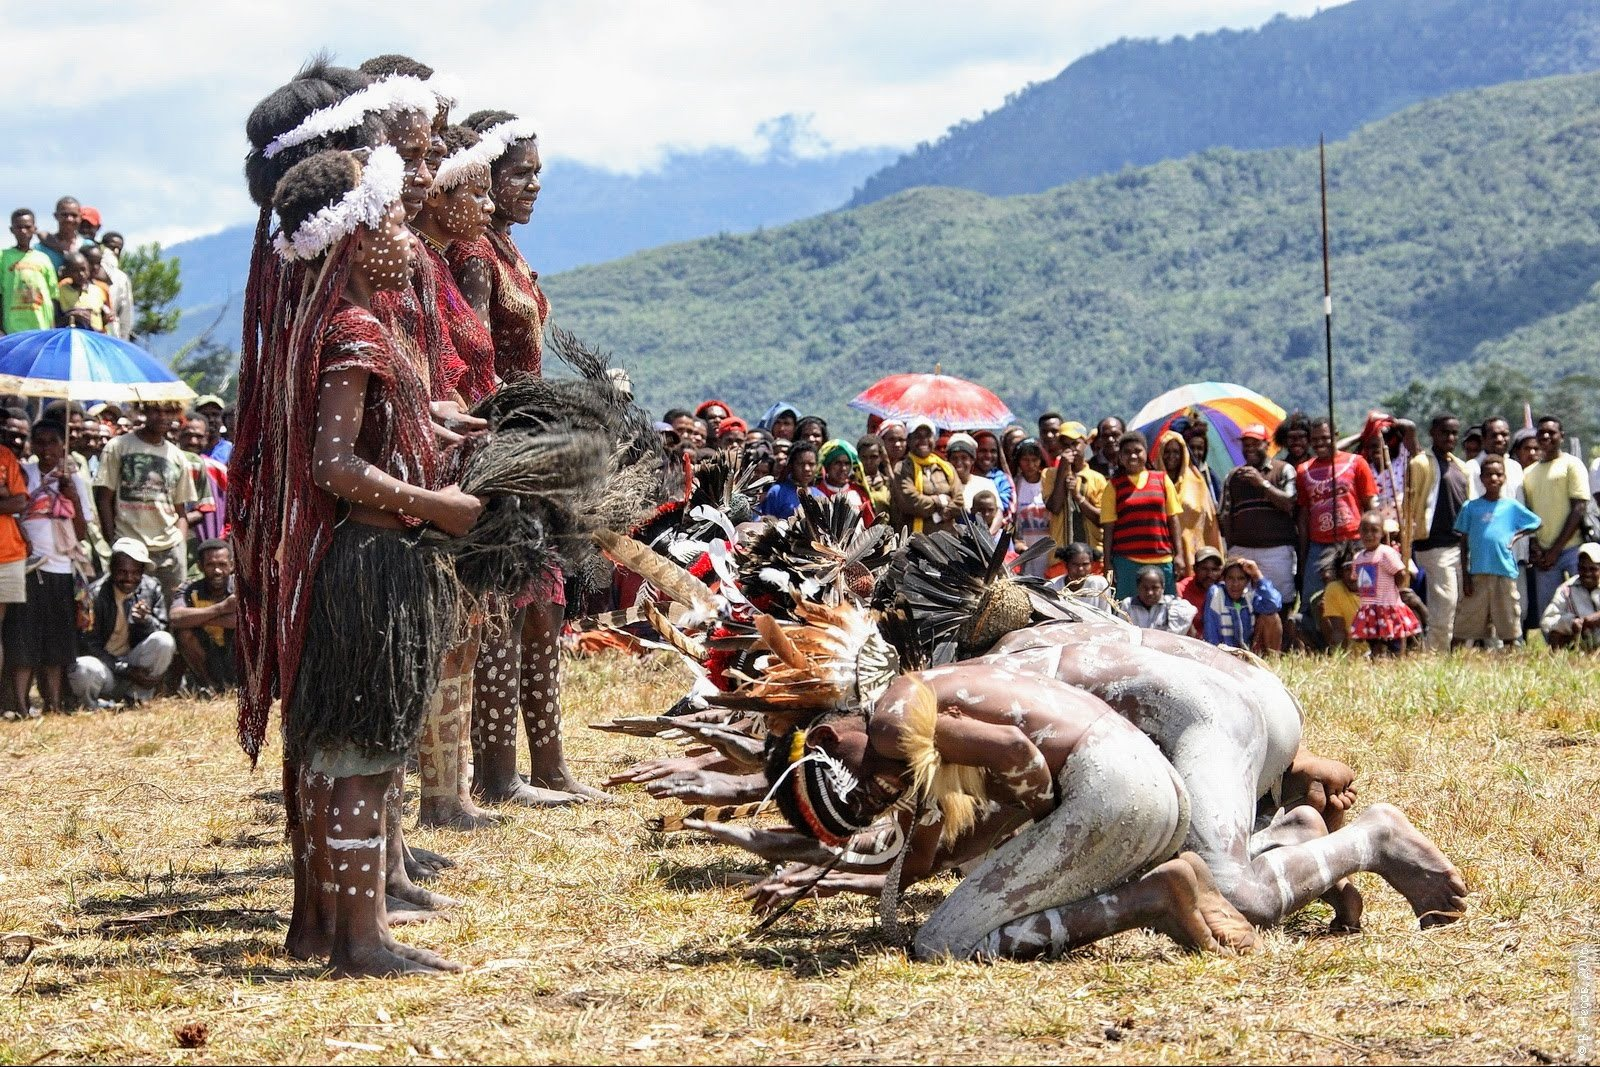 Putovanje Indonezija - Papua - Festival i treking u dolini Baliem (2)